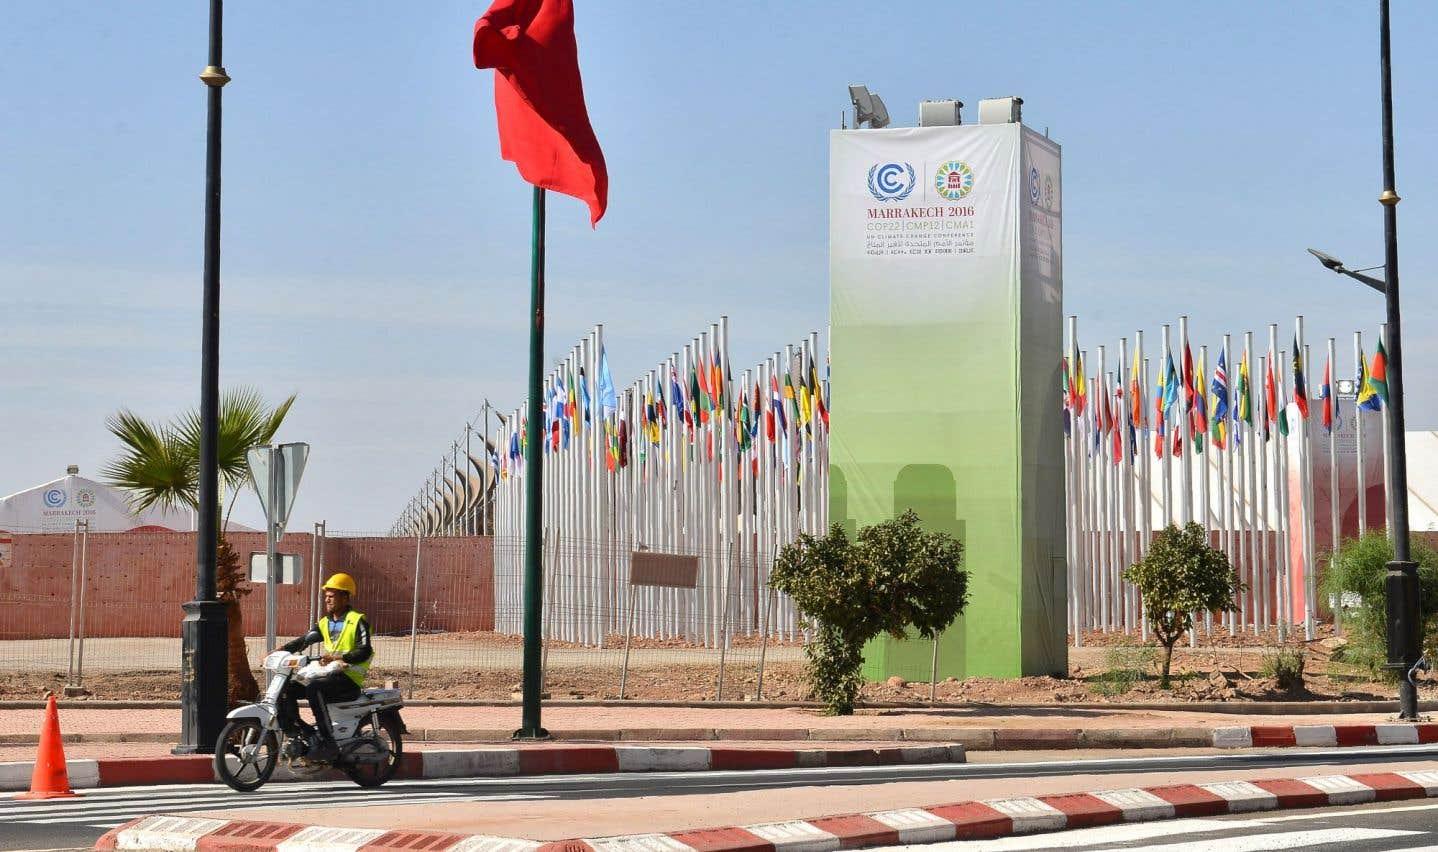 Fondaction participe à la COP22, cette autre rencontre élargie qui se déroule à Marrakech au Maroc.